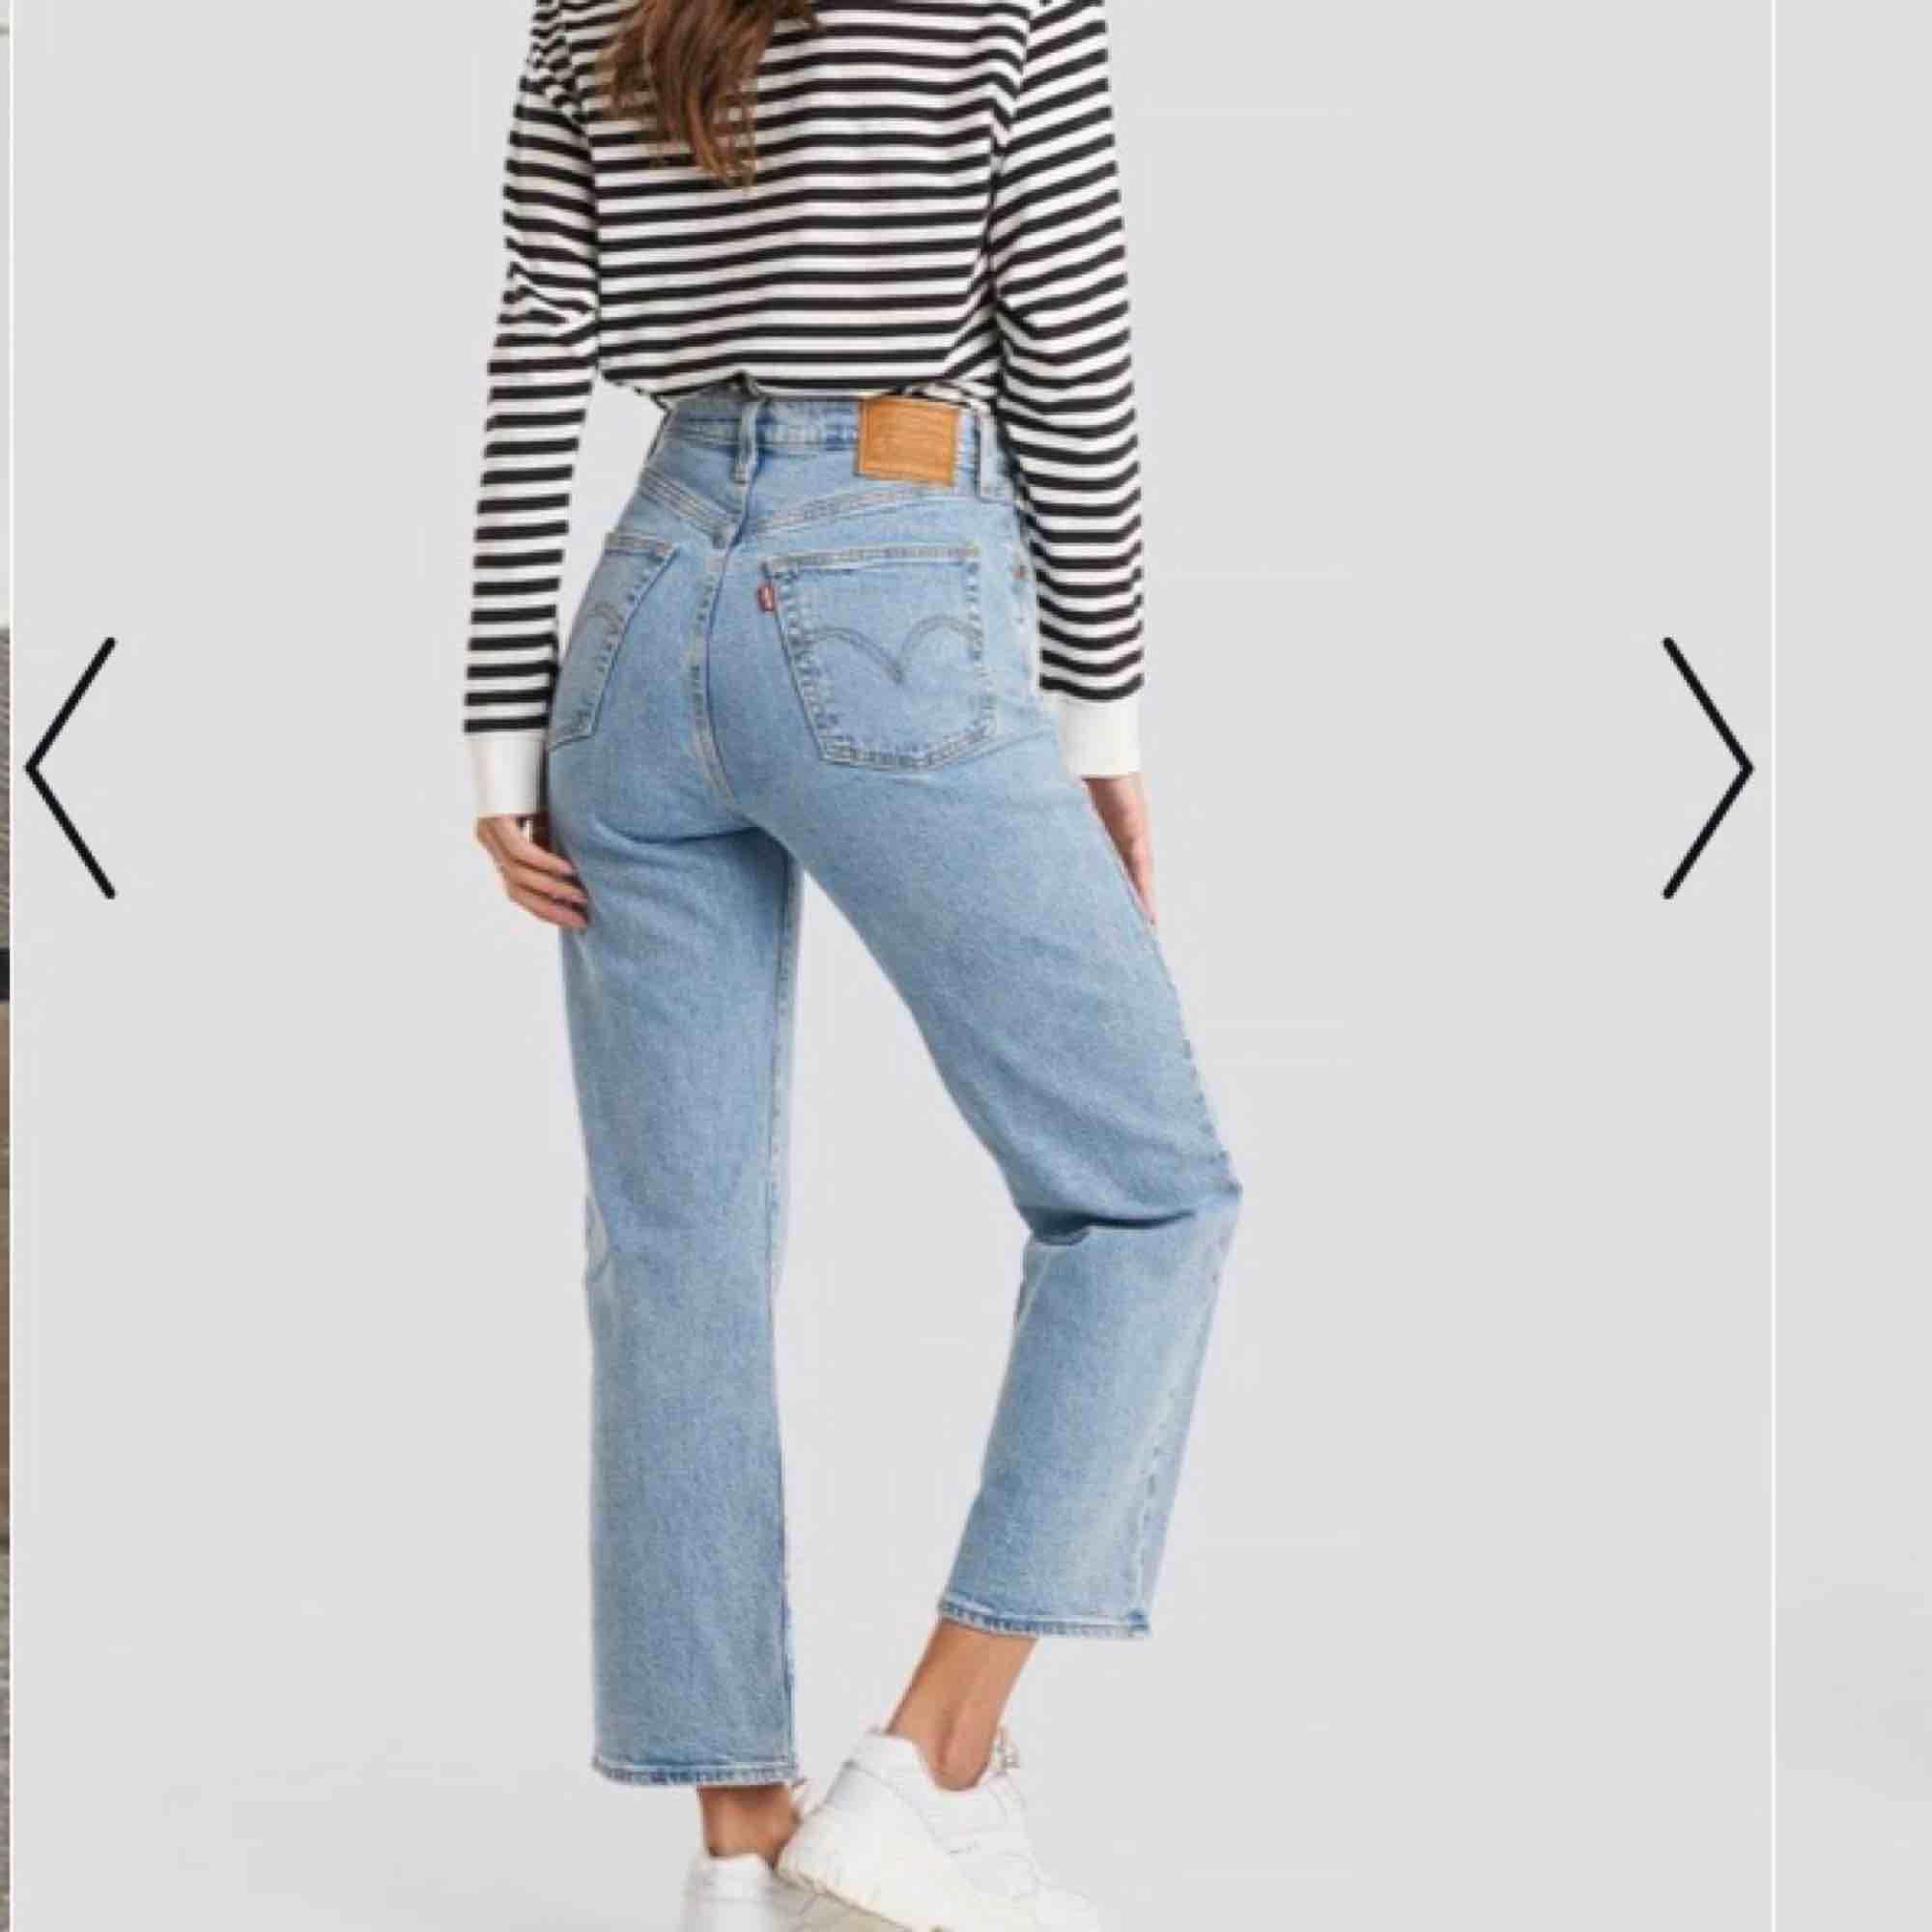 Säljer dessa sjukt fina Levis jeans som är nästan som nya! Har använt dem cirka 2-4 gånger. Säljs för att dem har legat o garderoben för länge utan att bli använda! 🤩😔. Jeans & Byxor.